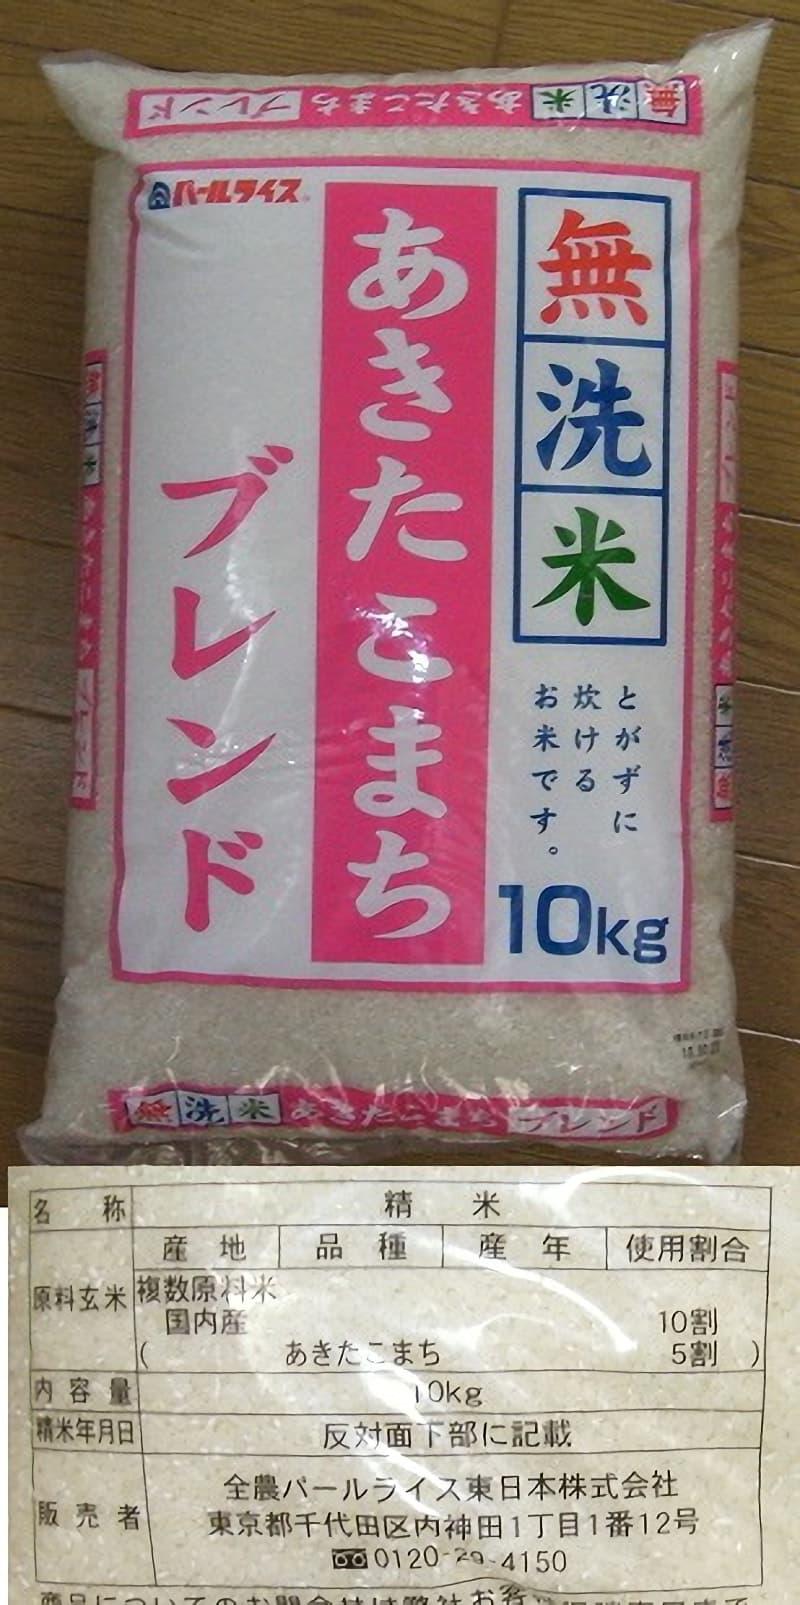 [2]が投稿したパールライス 無洗米あきたこまち ブレンド米 10kgの写真